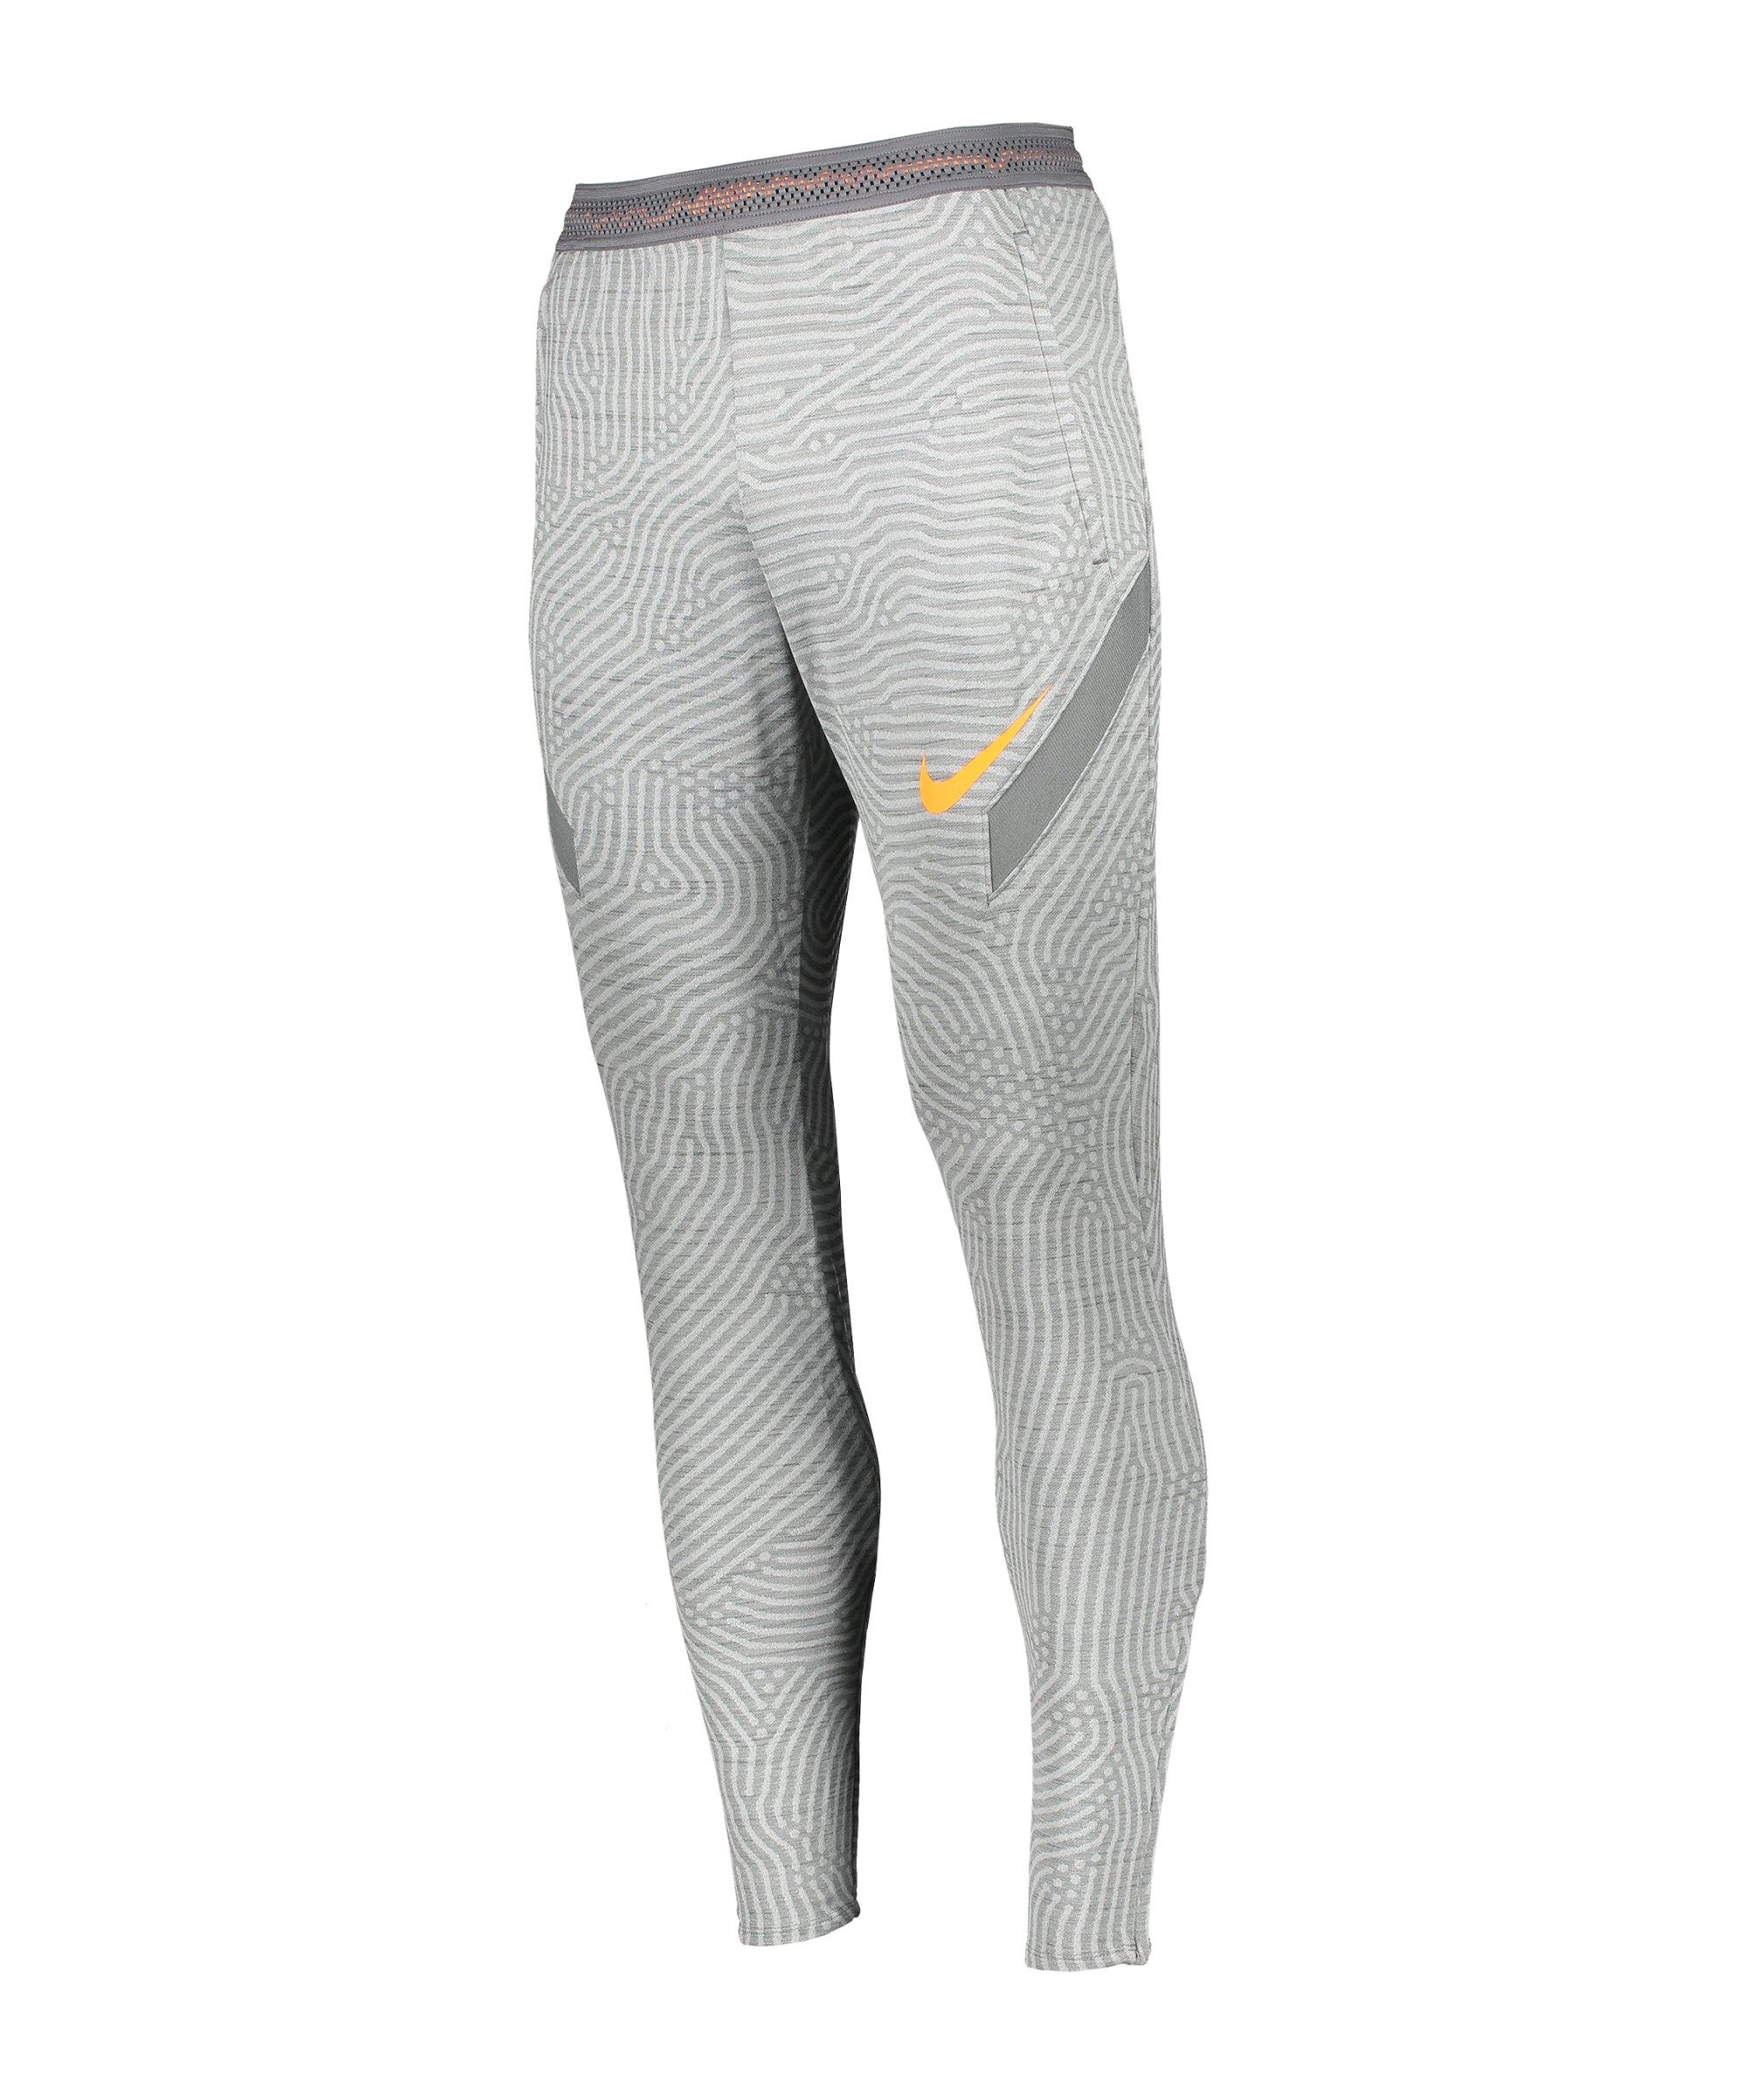 Nike Strike Trainingshose Grau F084 - grau